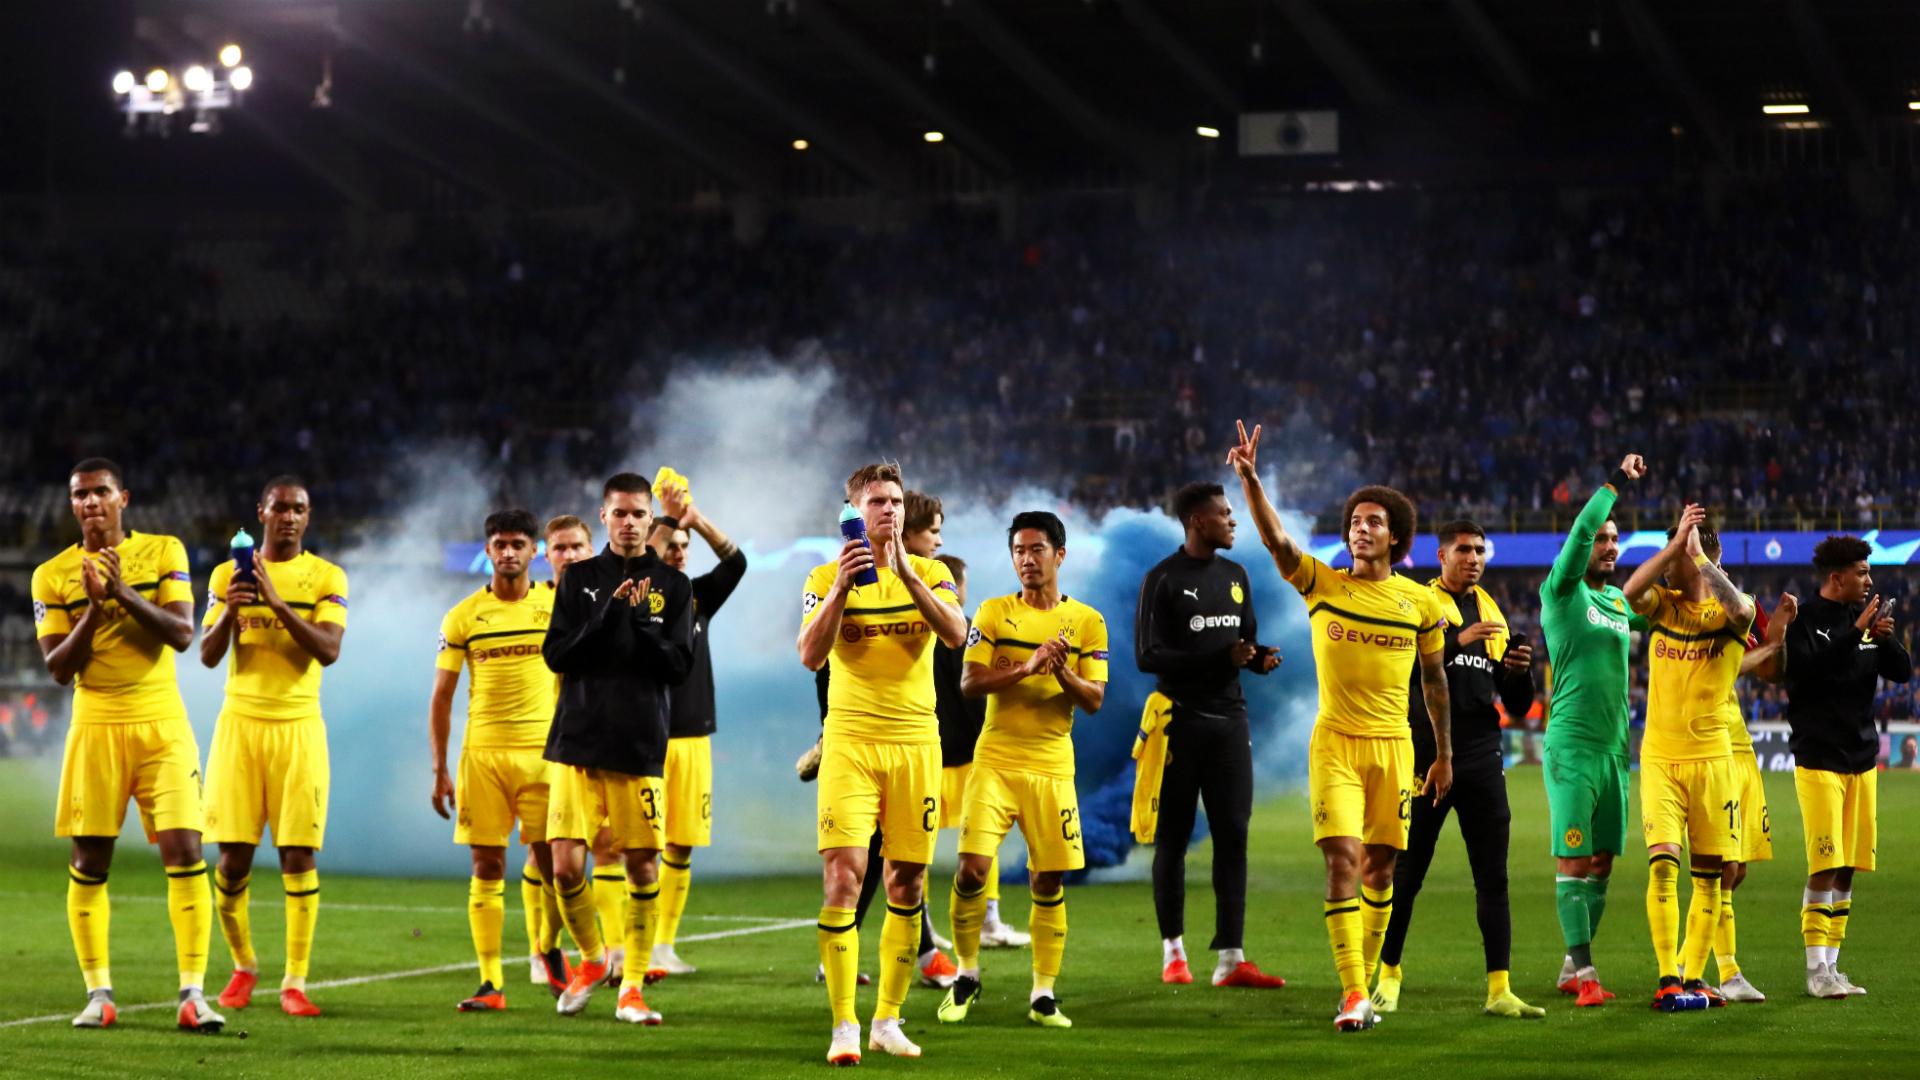 Favre Admits Young Dortmund Stars Struggled In Bruges Bvb Dortmund 2369821 Hd Wallpaper Backgrounds Download